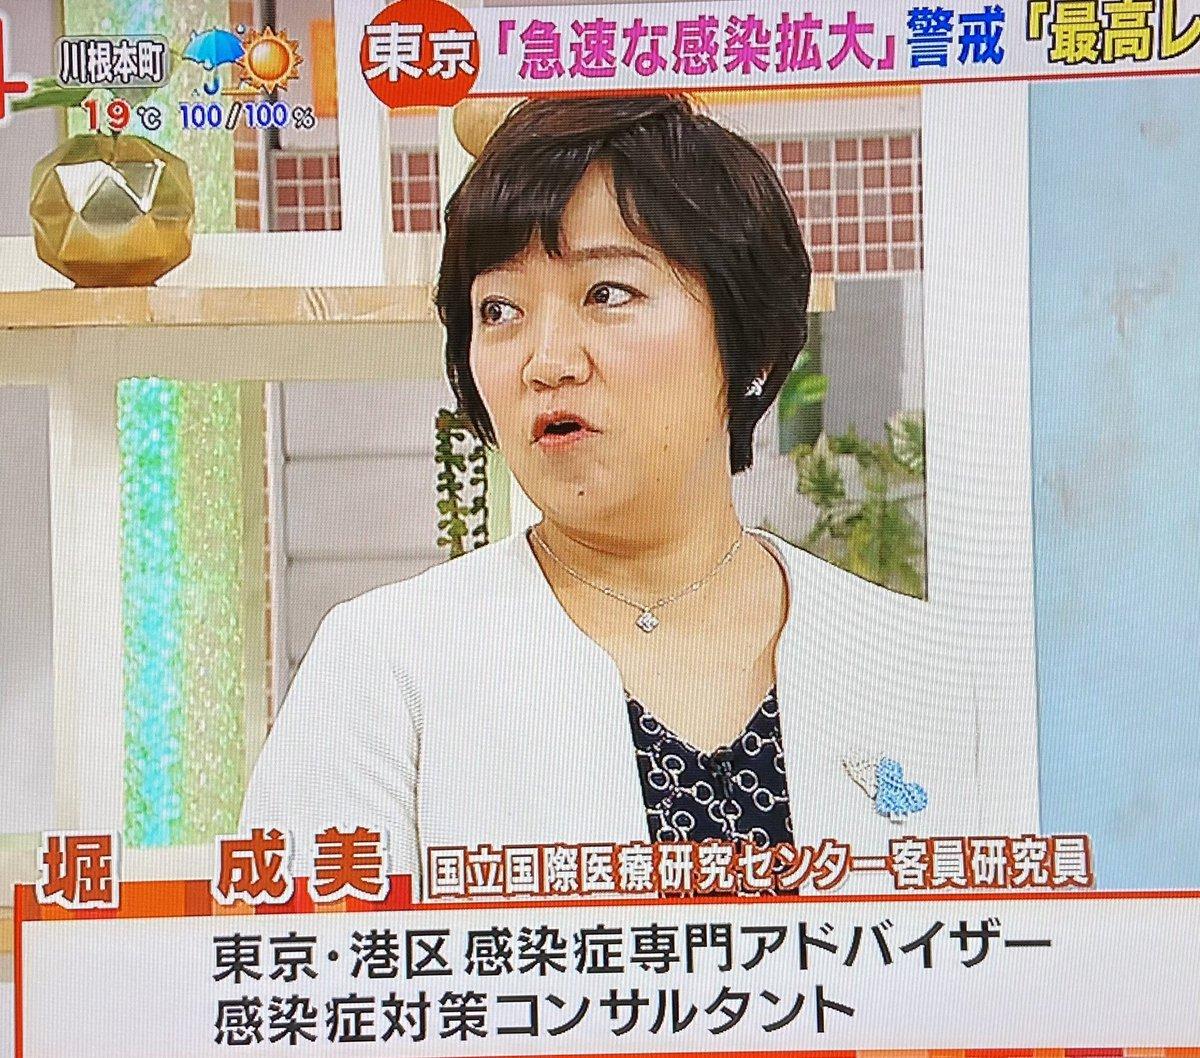 岡田 プロフィール 晴恵 大学 白鴎